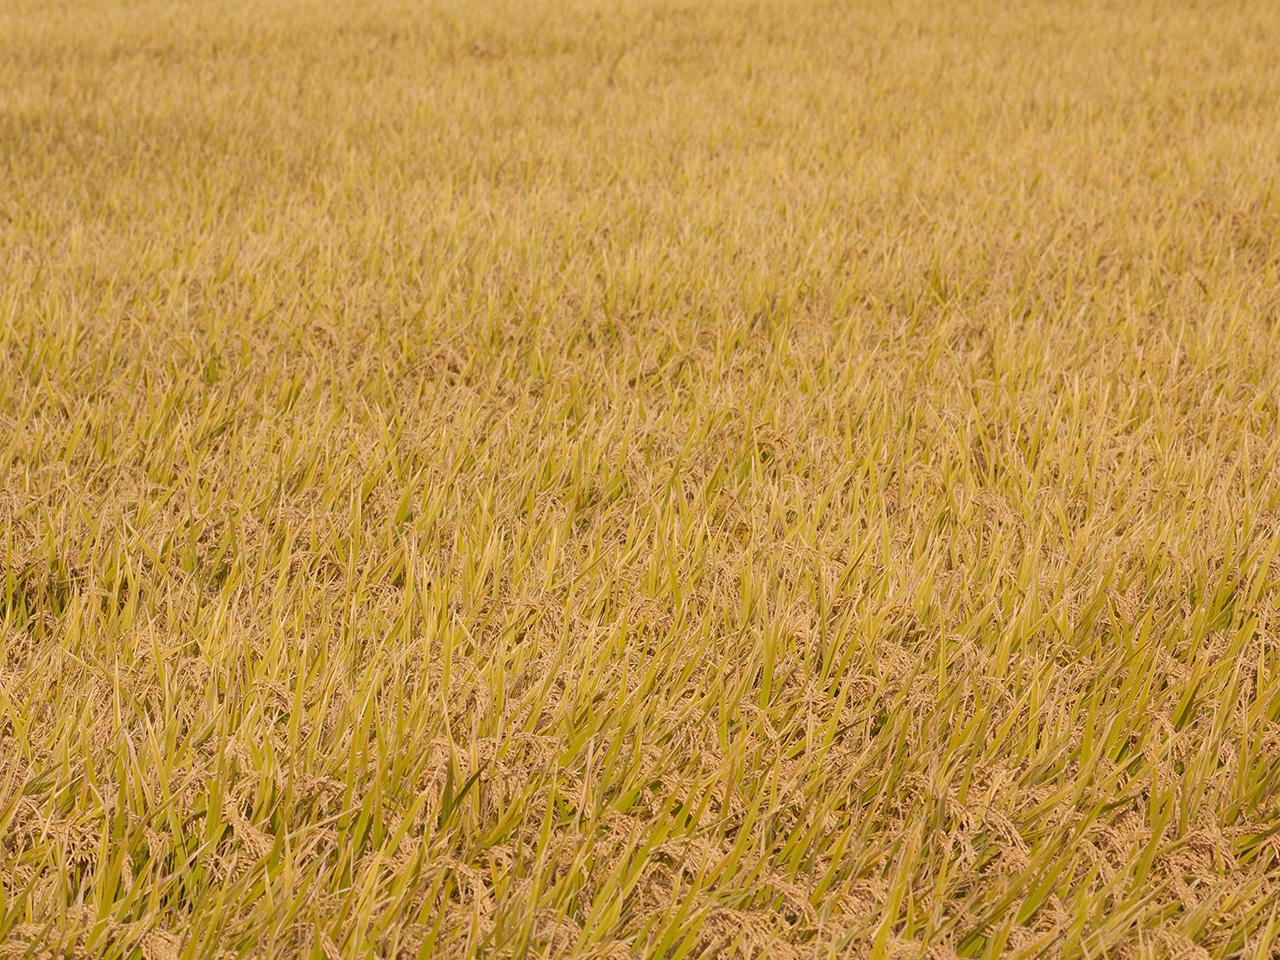 田んぼの稲(いね)の写真(フリー素材)